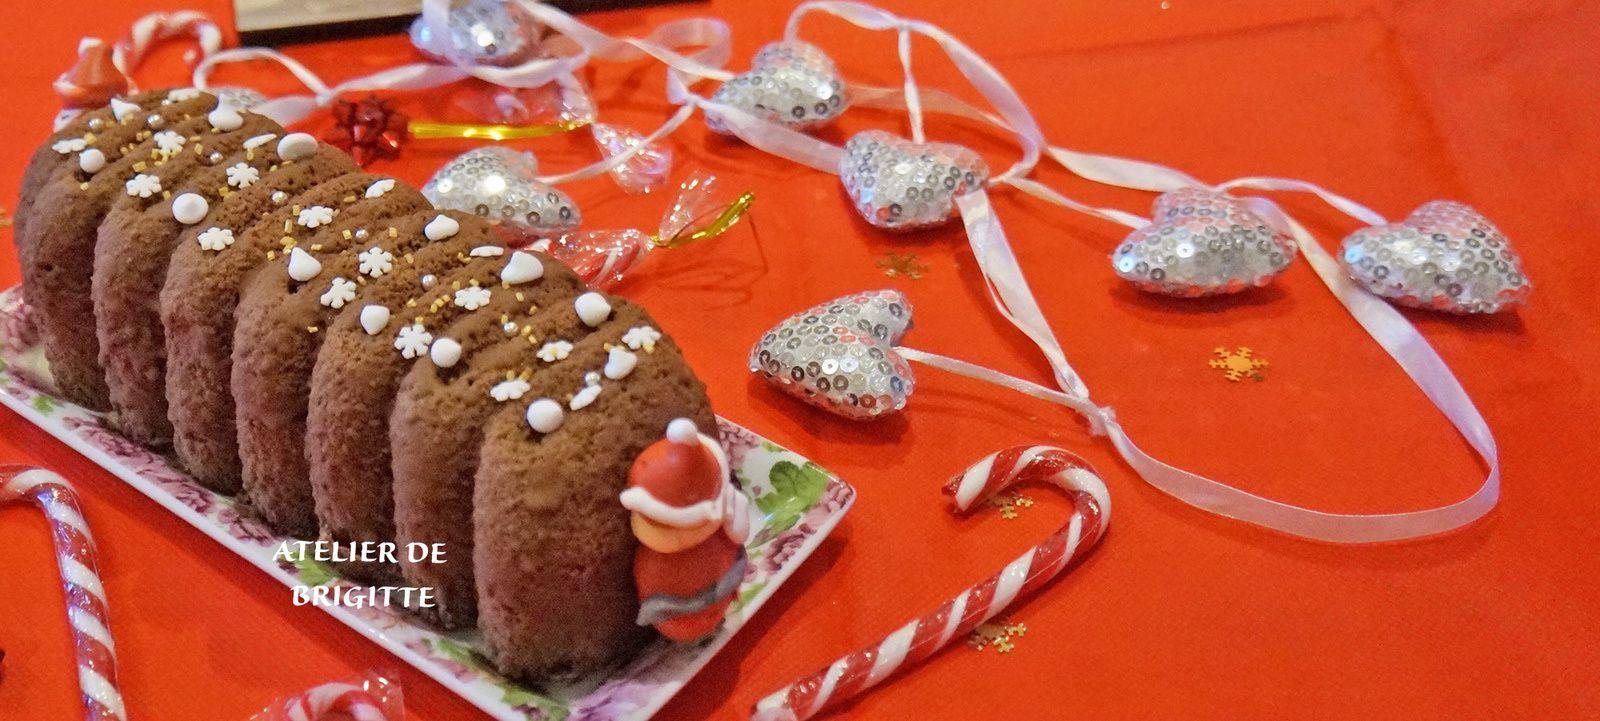 Bûche, Noêl, chocolat, crème brûlée, dessert, pâtisserie, insert crème brûlée, fondant chocolat, dacquoise, mousse chocolat, floquage,